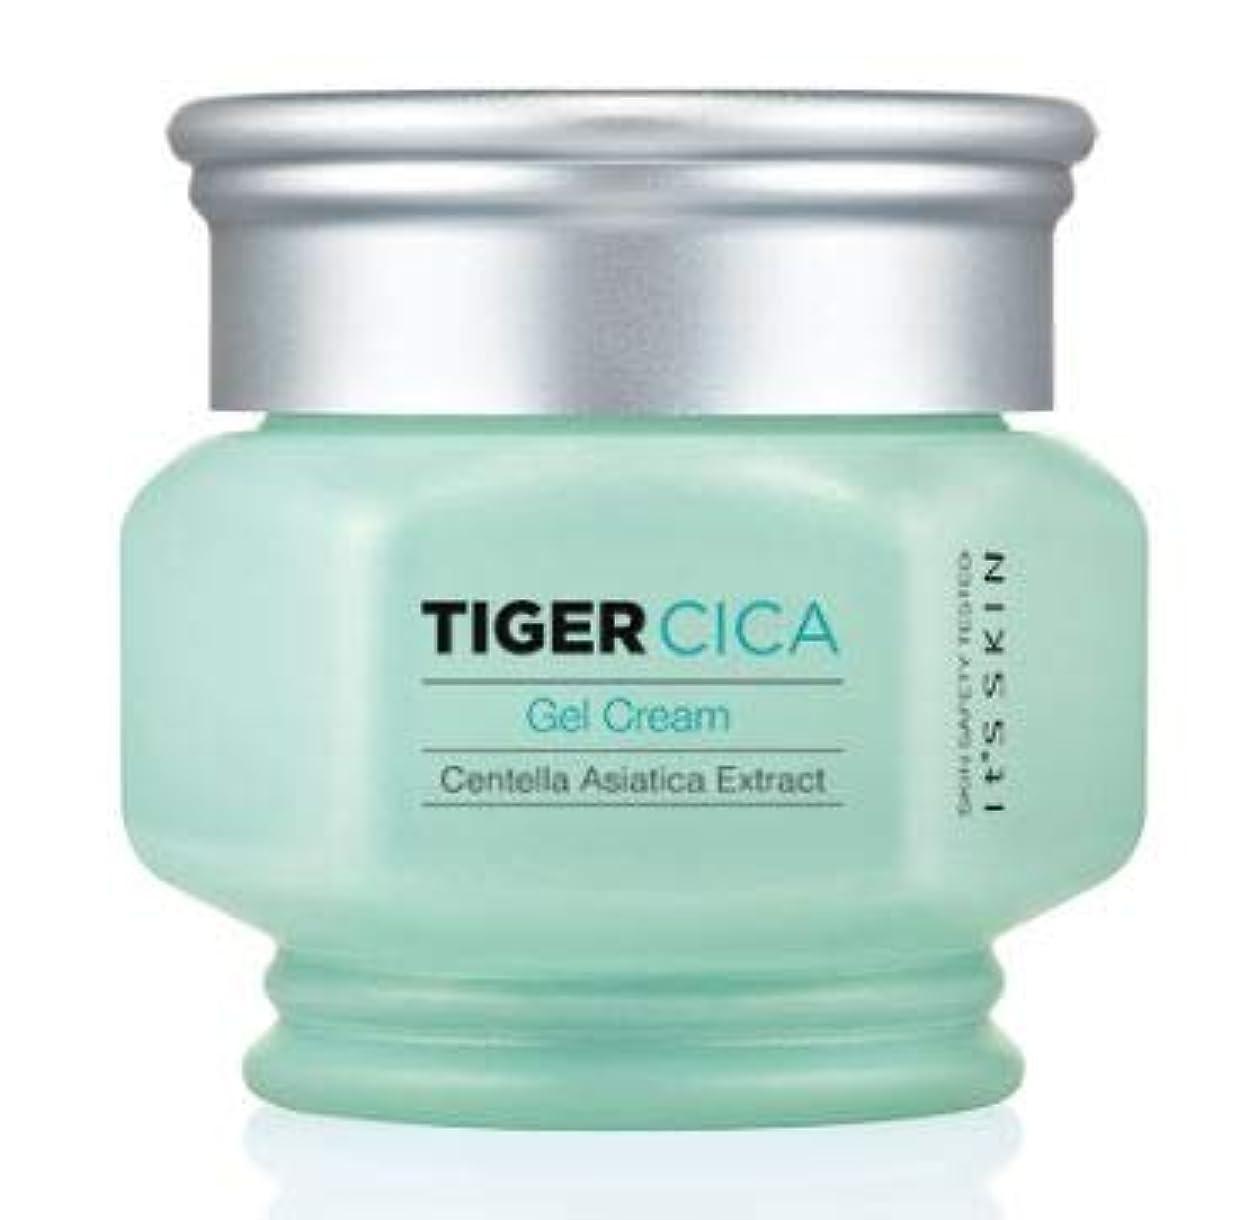 本物の北極圏選択[It's Skin] Tiger Cica Gel Cream /[イッツスキン] タイガーシカ ジェル クリーム [並行輸入品]